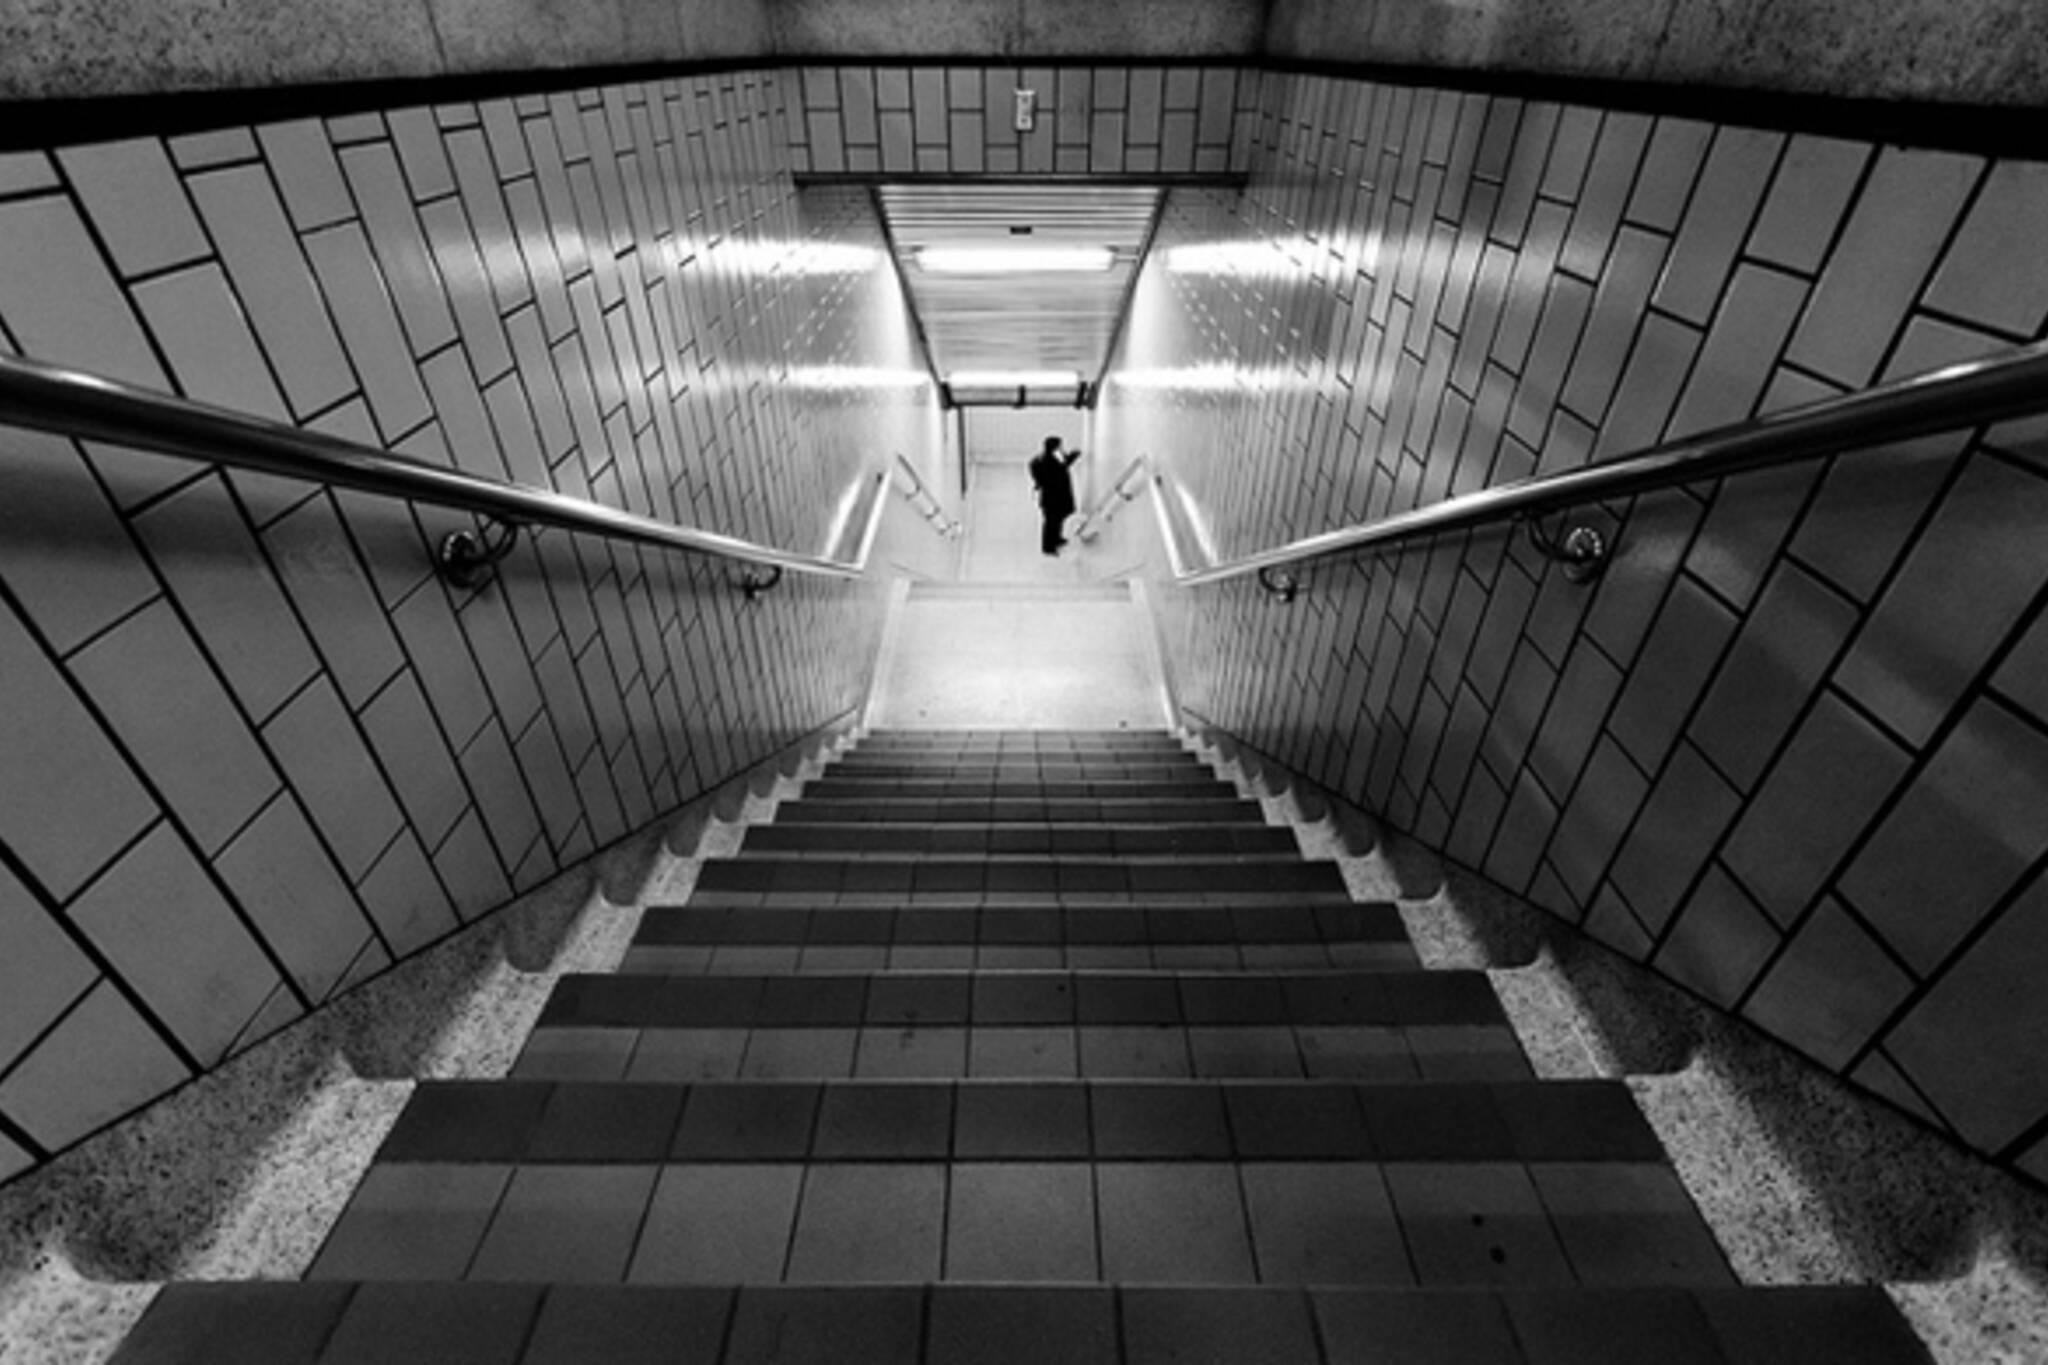 TTC Stairs